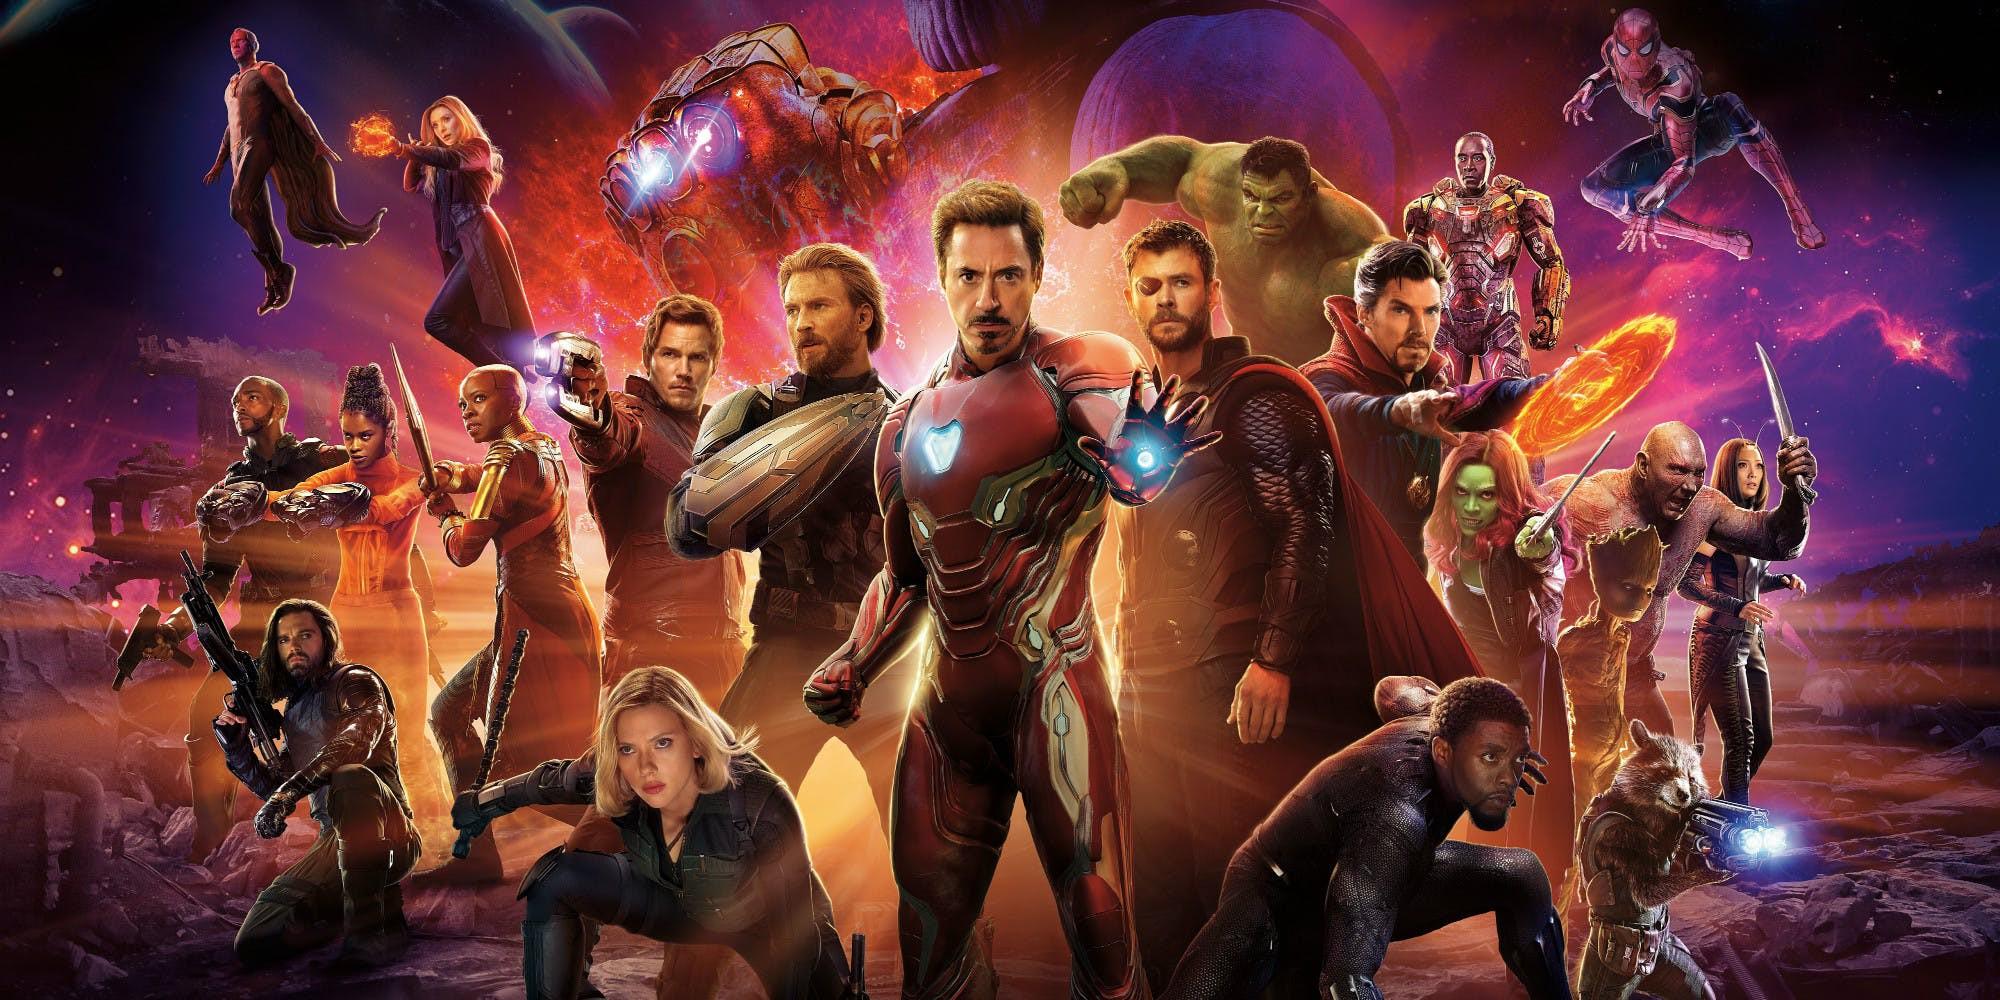 Avengers: Infinity War: Vùng an toàn của vũ trụ điện ảnh Marvel đã thực sự khép lại! - Ảnh 3.